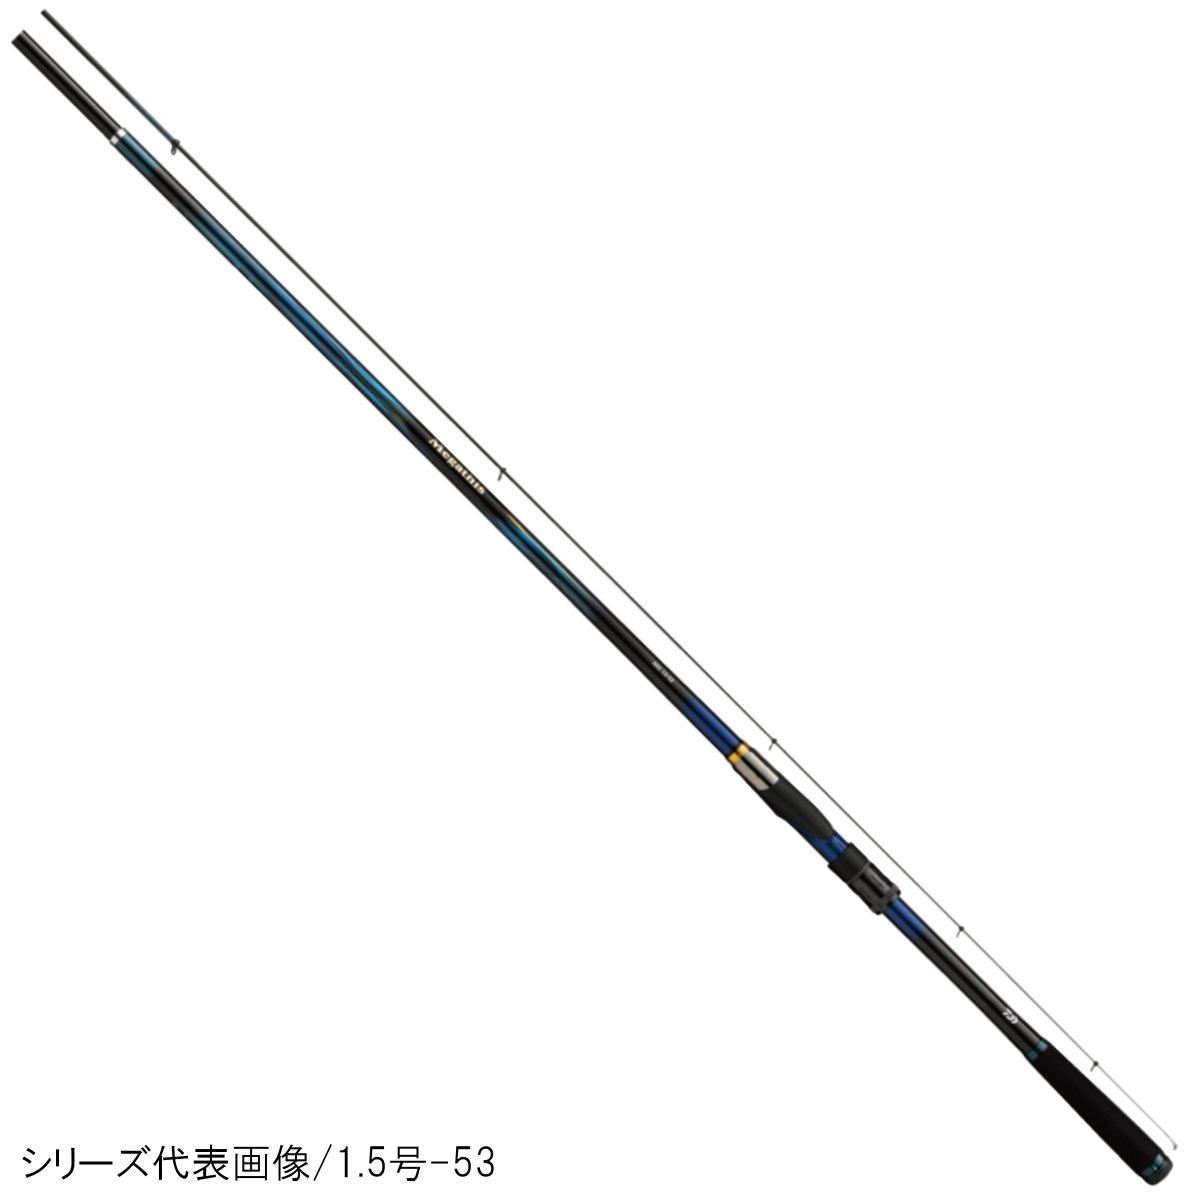 ダイワ メガディス AGS 1.5号-50【送料無料】